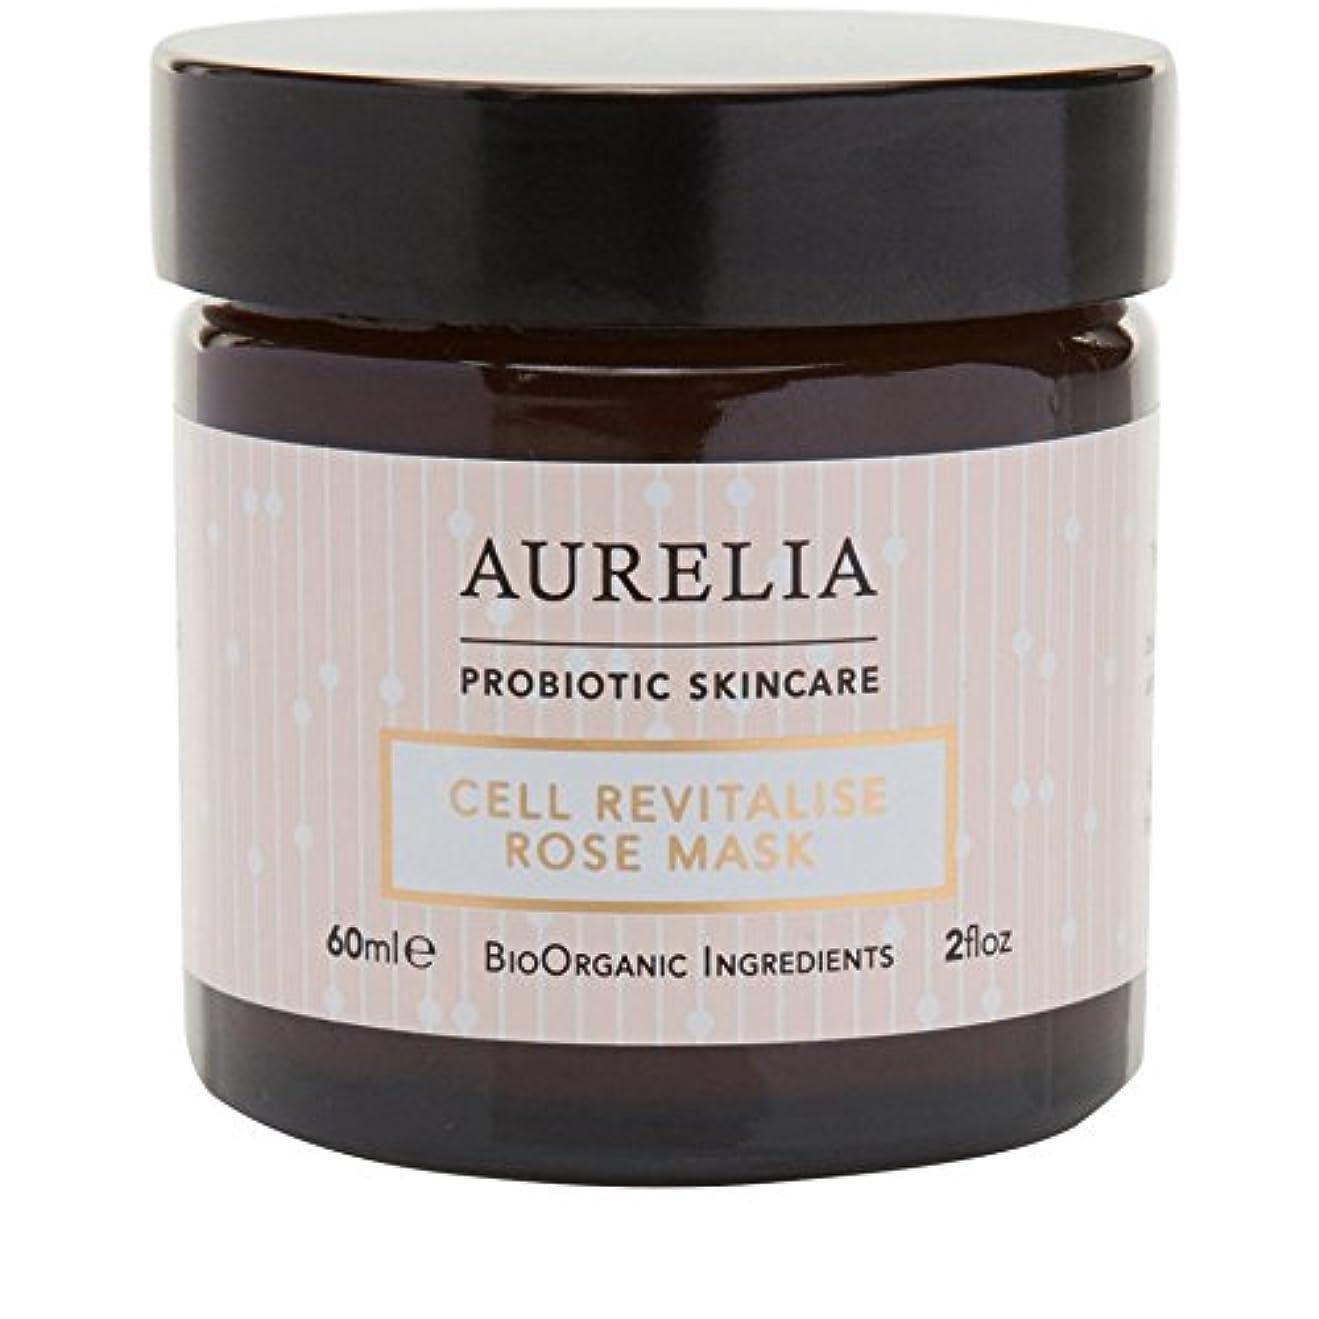 入場料リスキーな実用的[Aurelia Probiotic Skincare] アウレリアプロバイオティクススキンケア細胞の活力アップは、マスク60ミリリットルをバラ - Aurelia Probiotic Skincare Cell Revitalise...